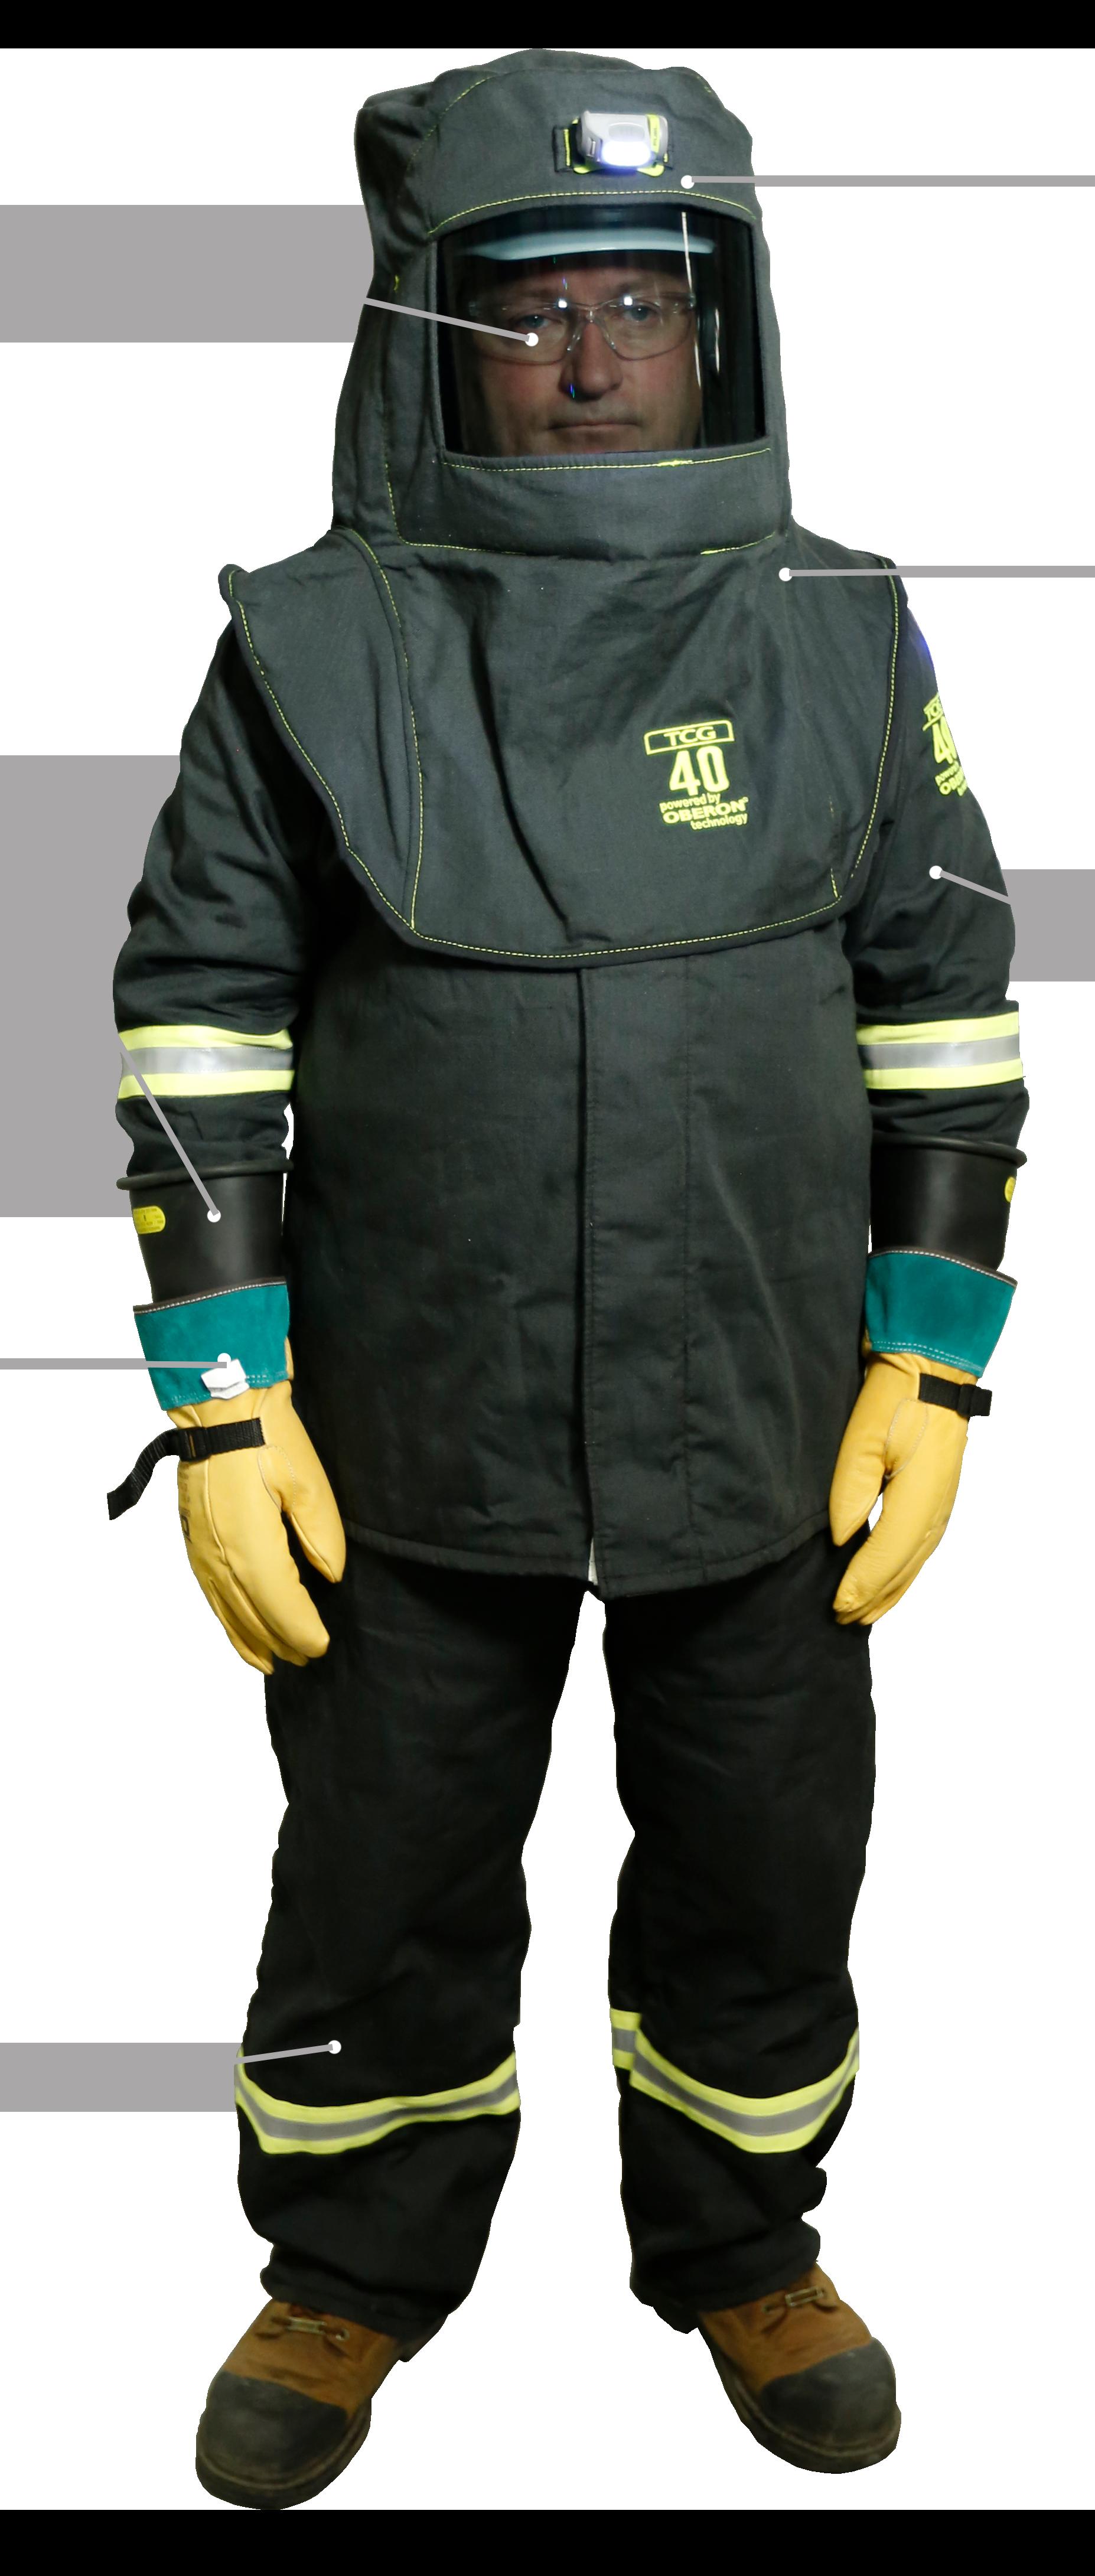 arc suit standards